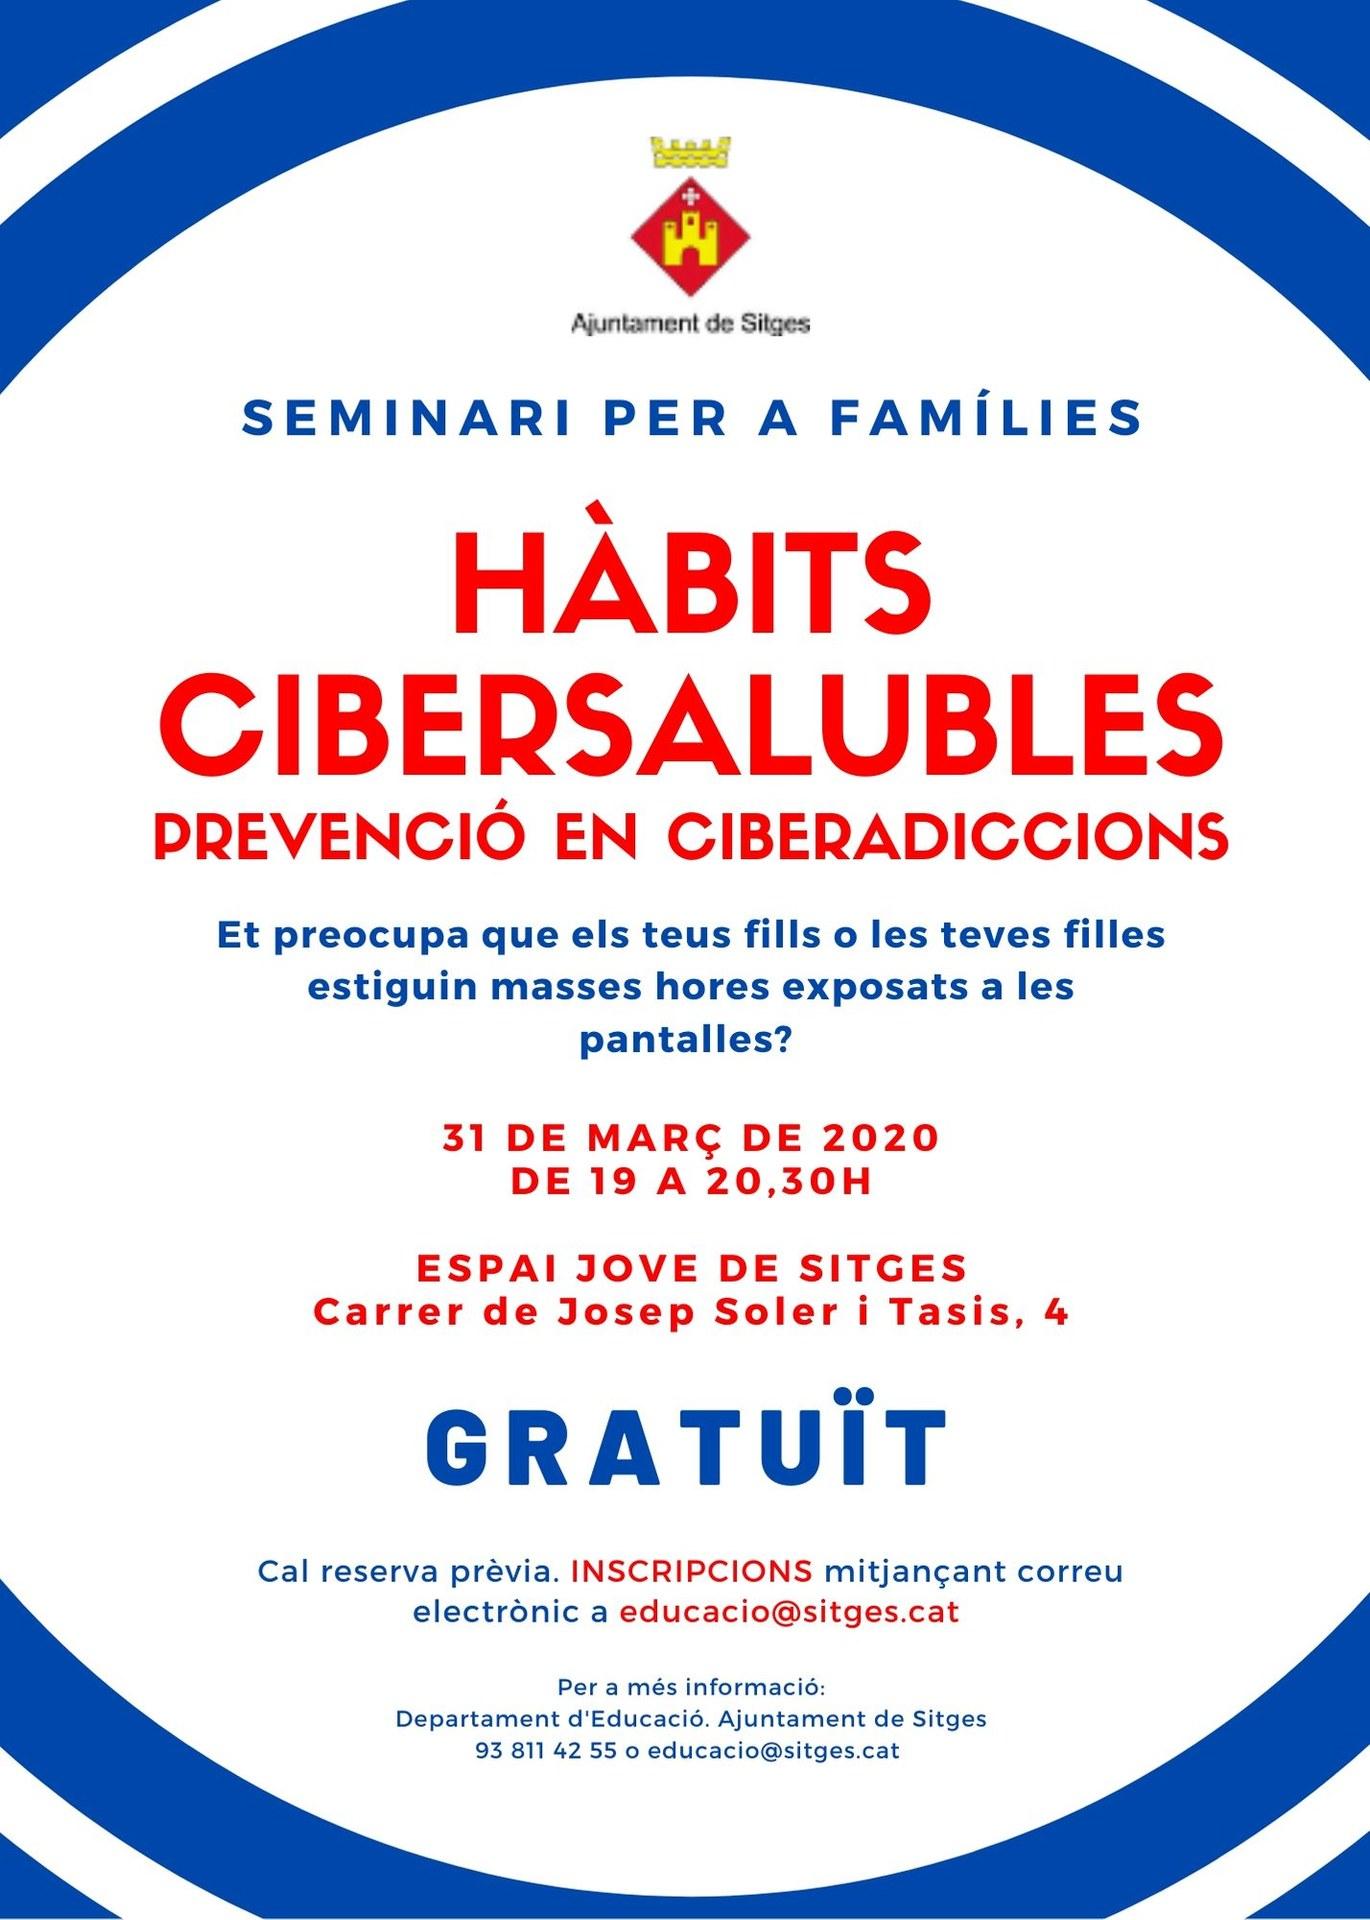 Cancel·lat. Seminari Hàbits cibersaludables